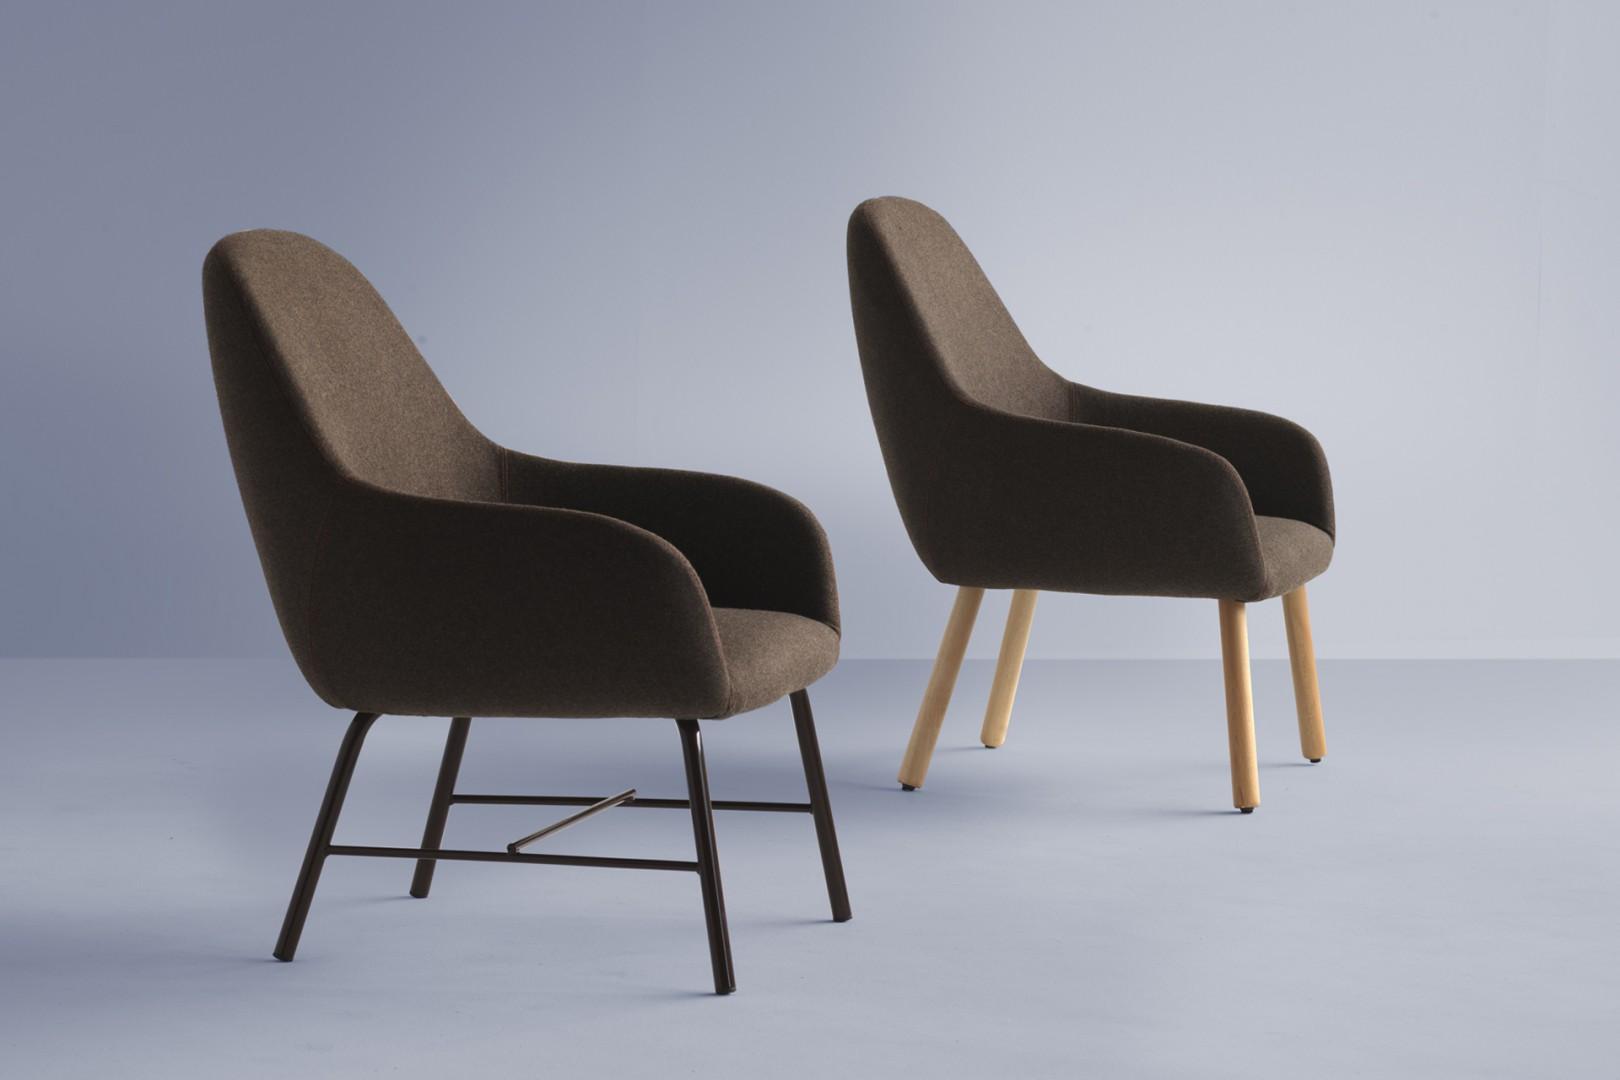 fotel tapicerowany Myra Metalmobil nogi drewniane